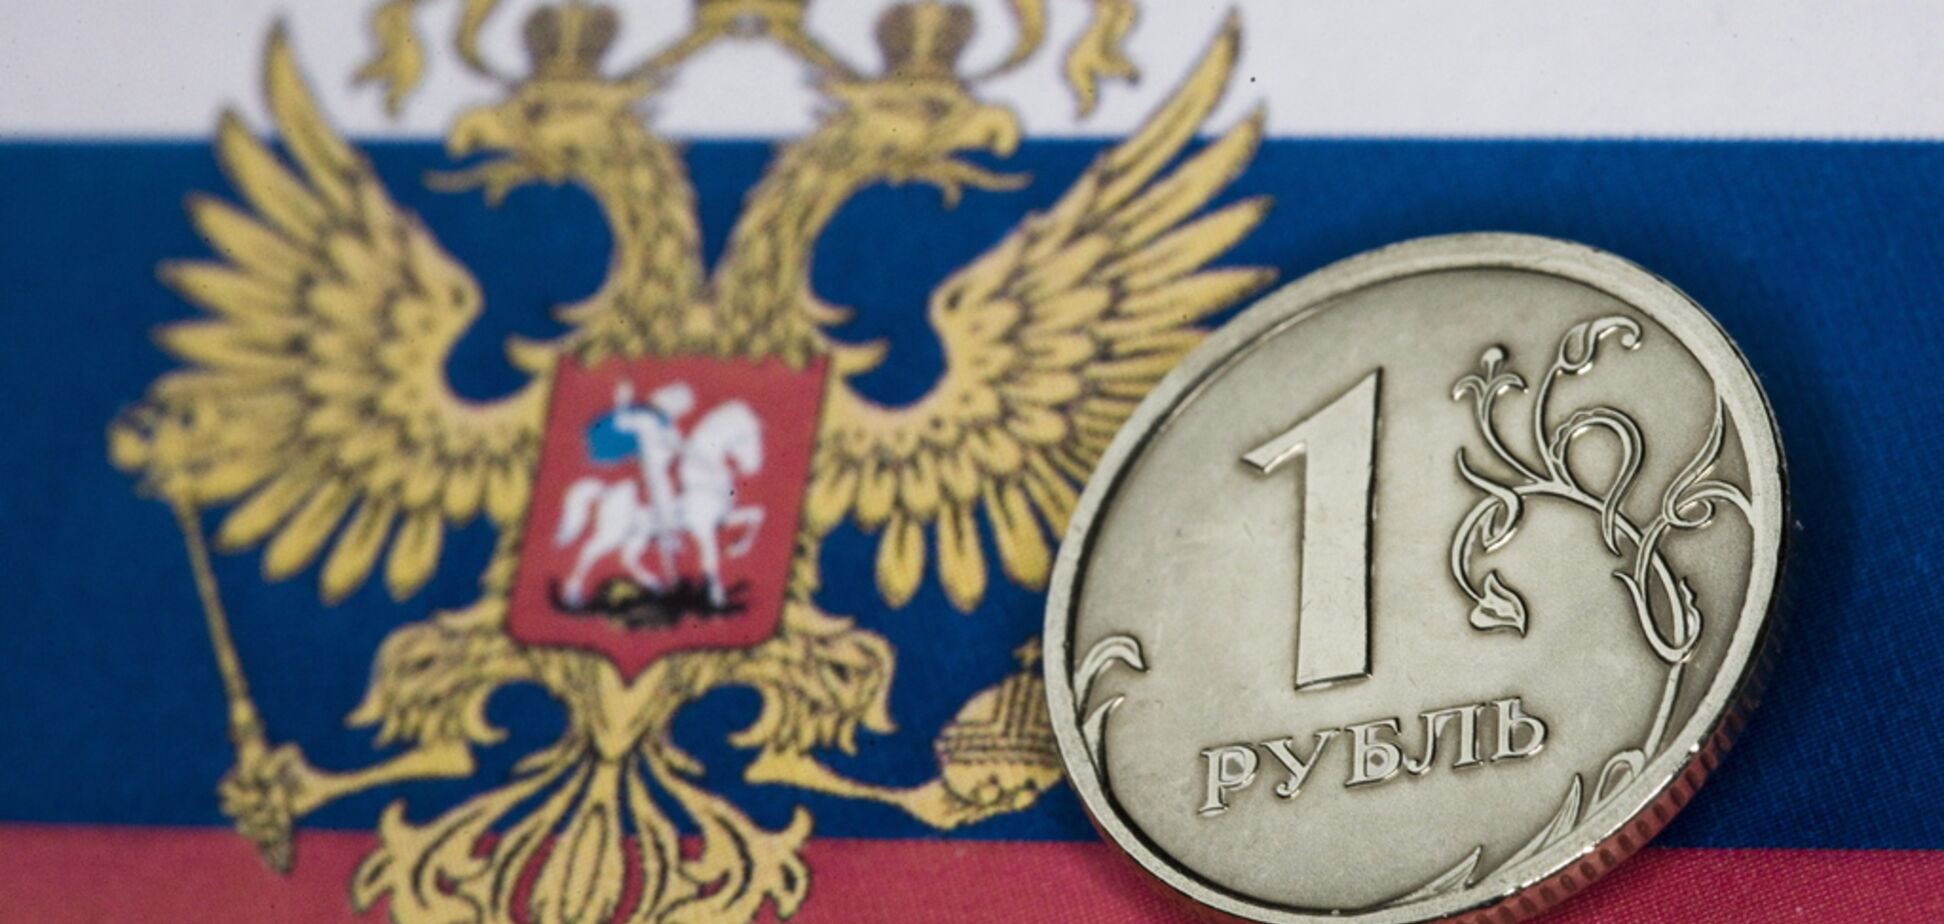 'Токсична для инвесторов': в России забили тревогу из-за гибели фондового рынка